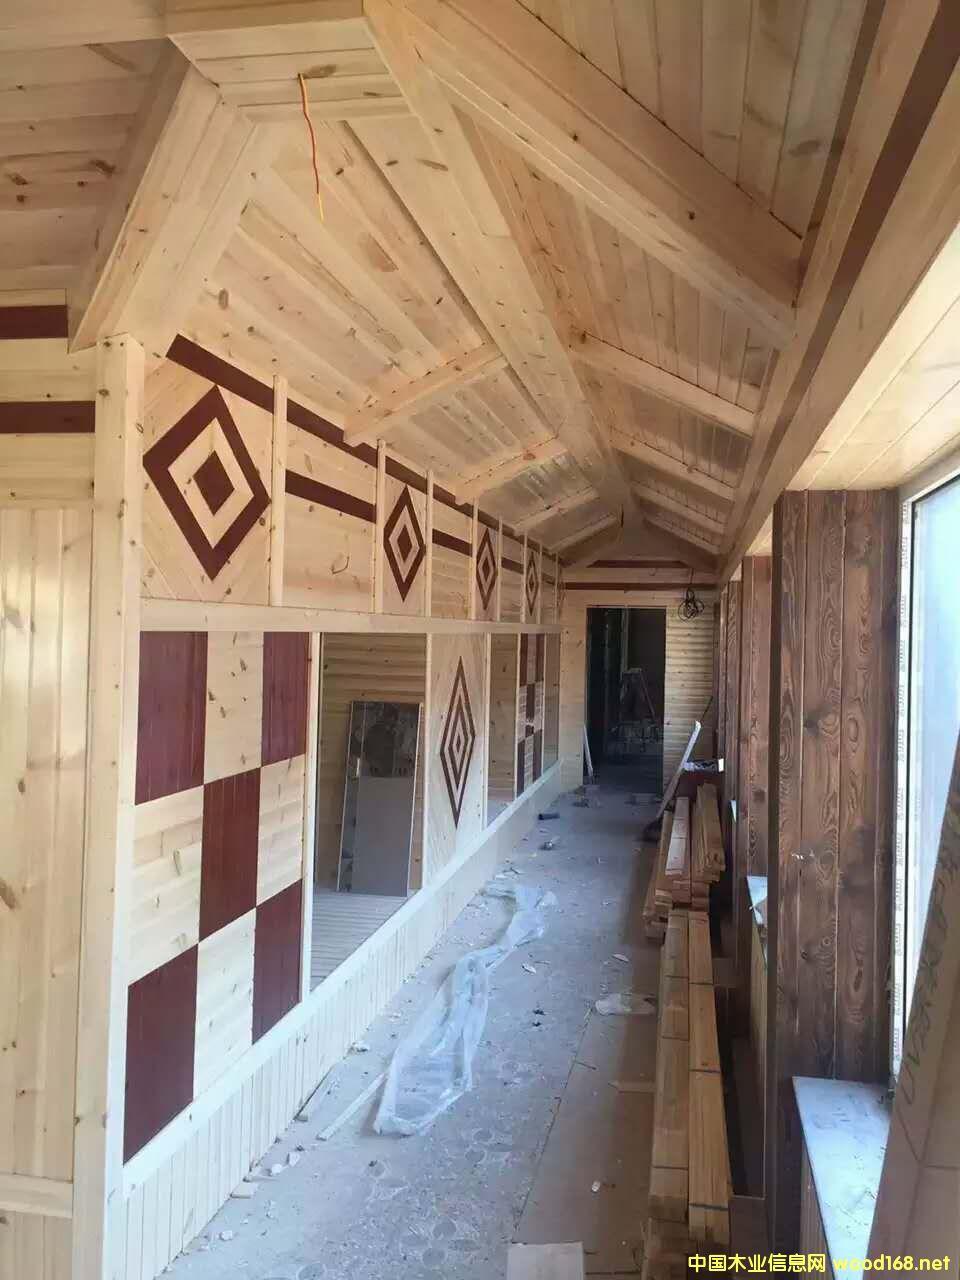 客廳,臥室,廚房,陽臺,衛生間等墻面及吊頂,外墻掛板,背景墻,室內裝飾